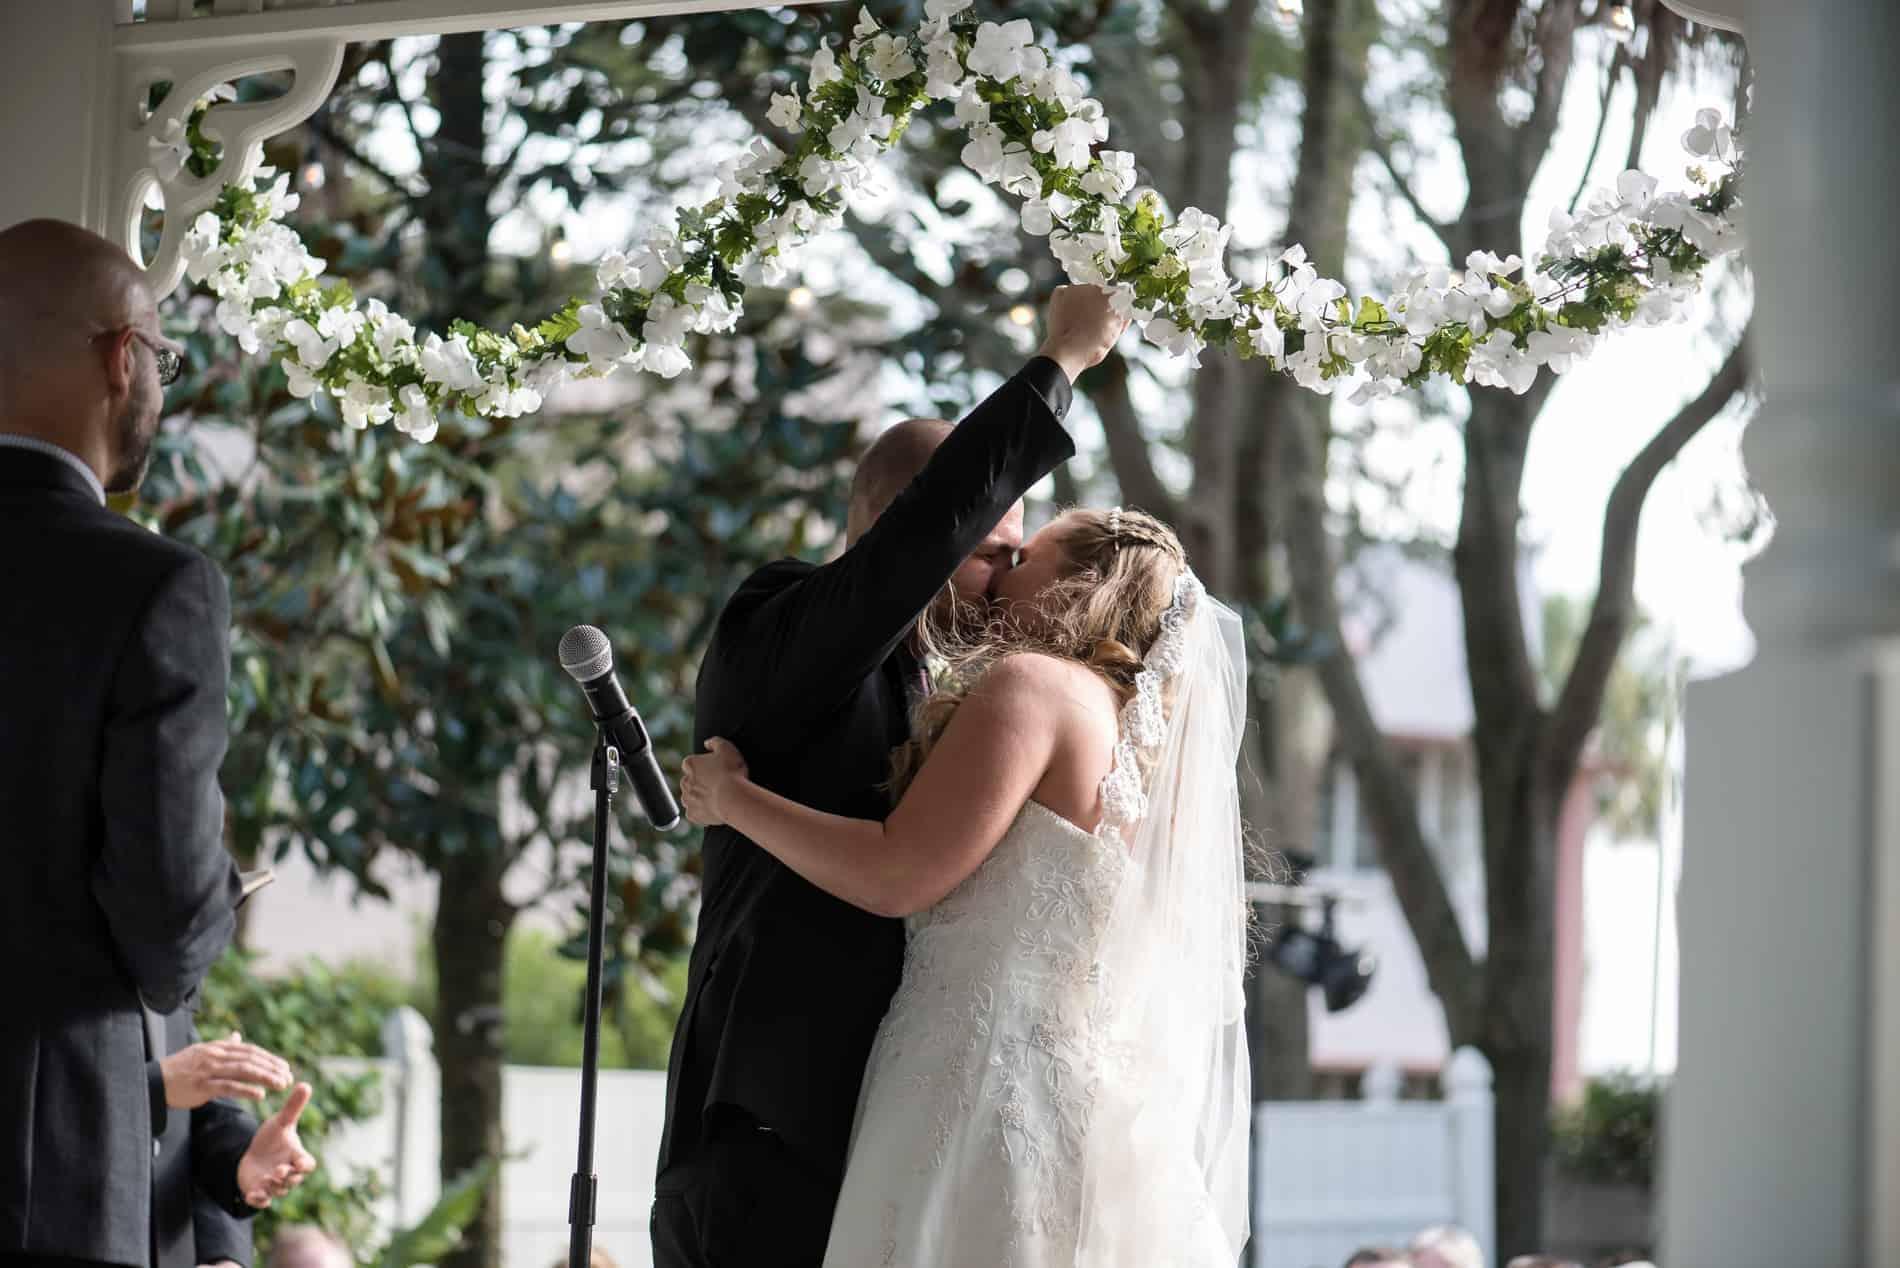 Outdoor Wedding Ceremony Locations in Orlando